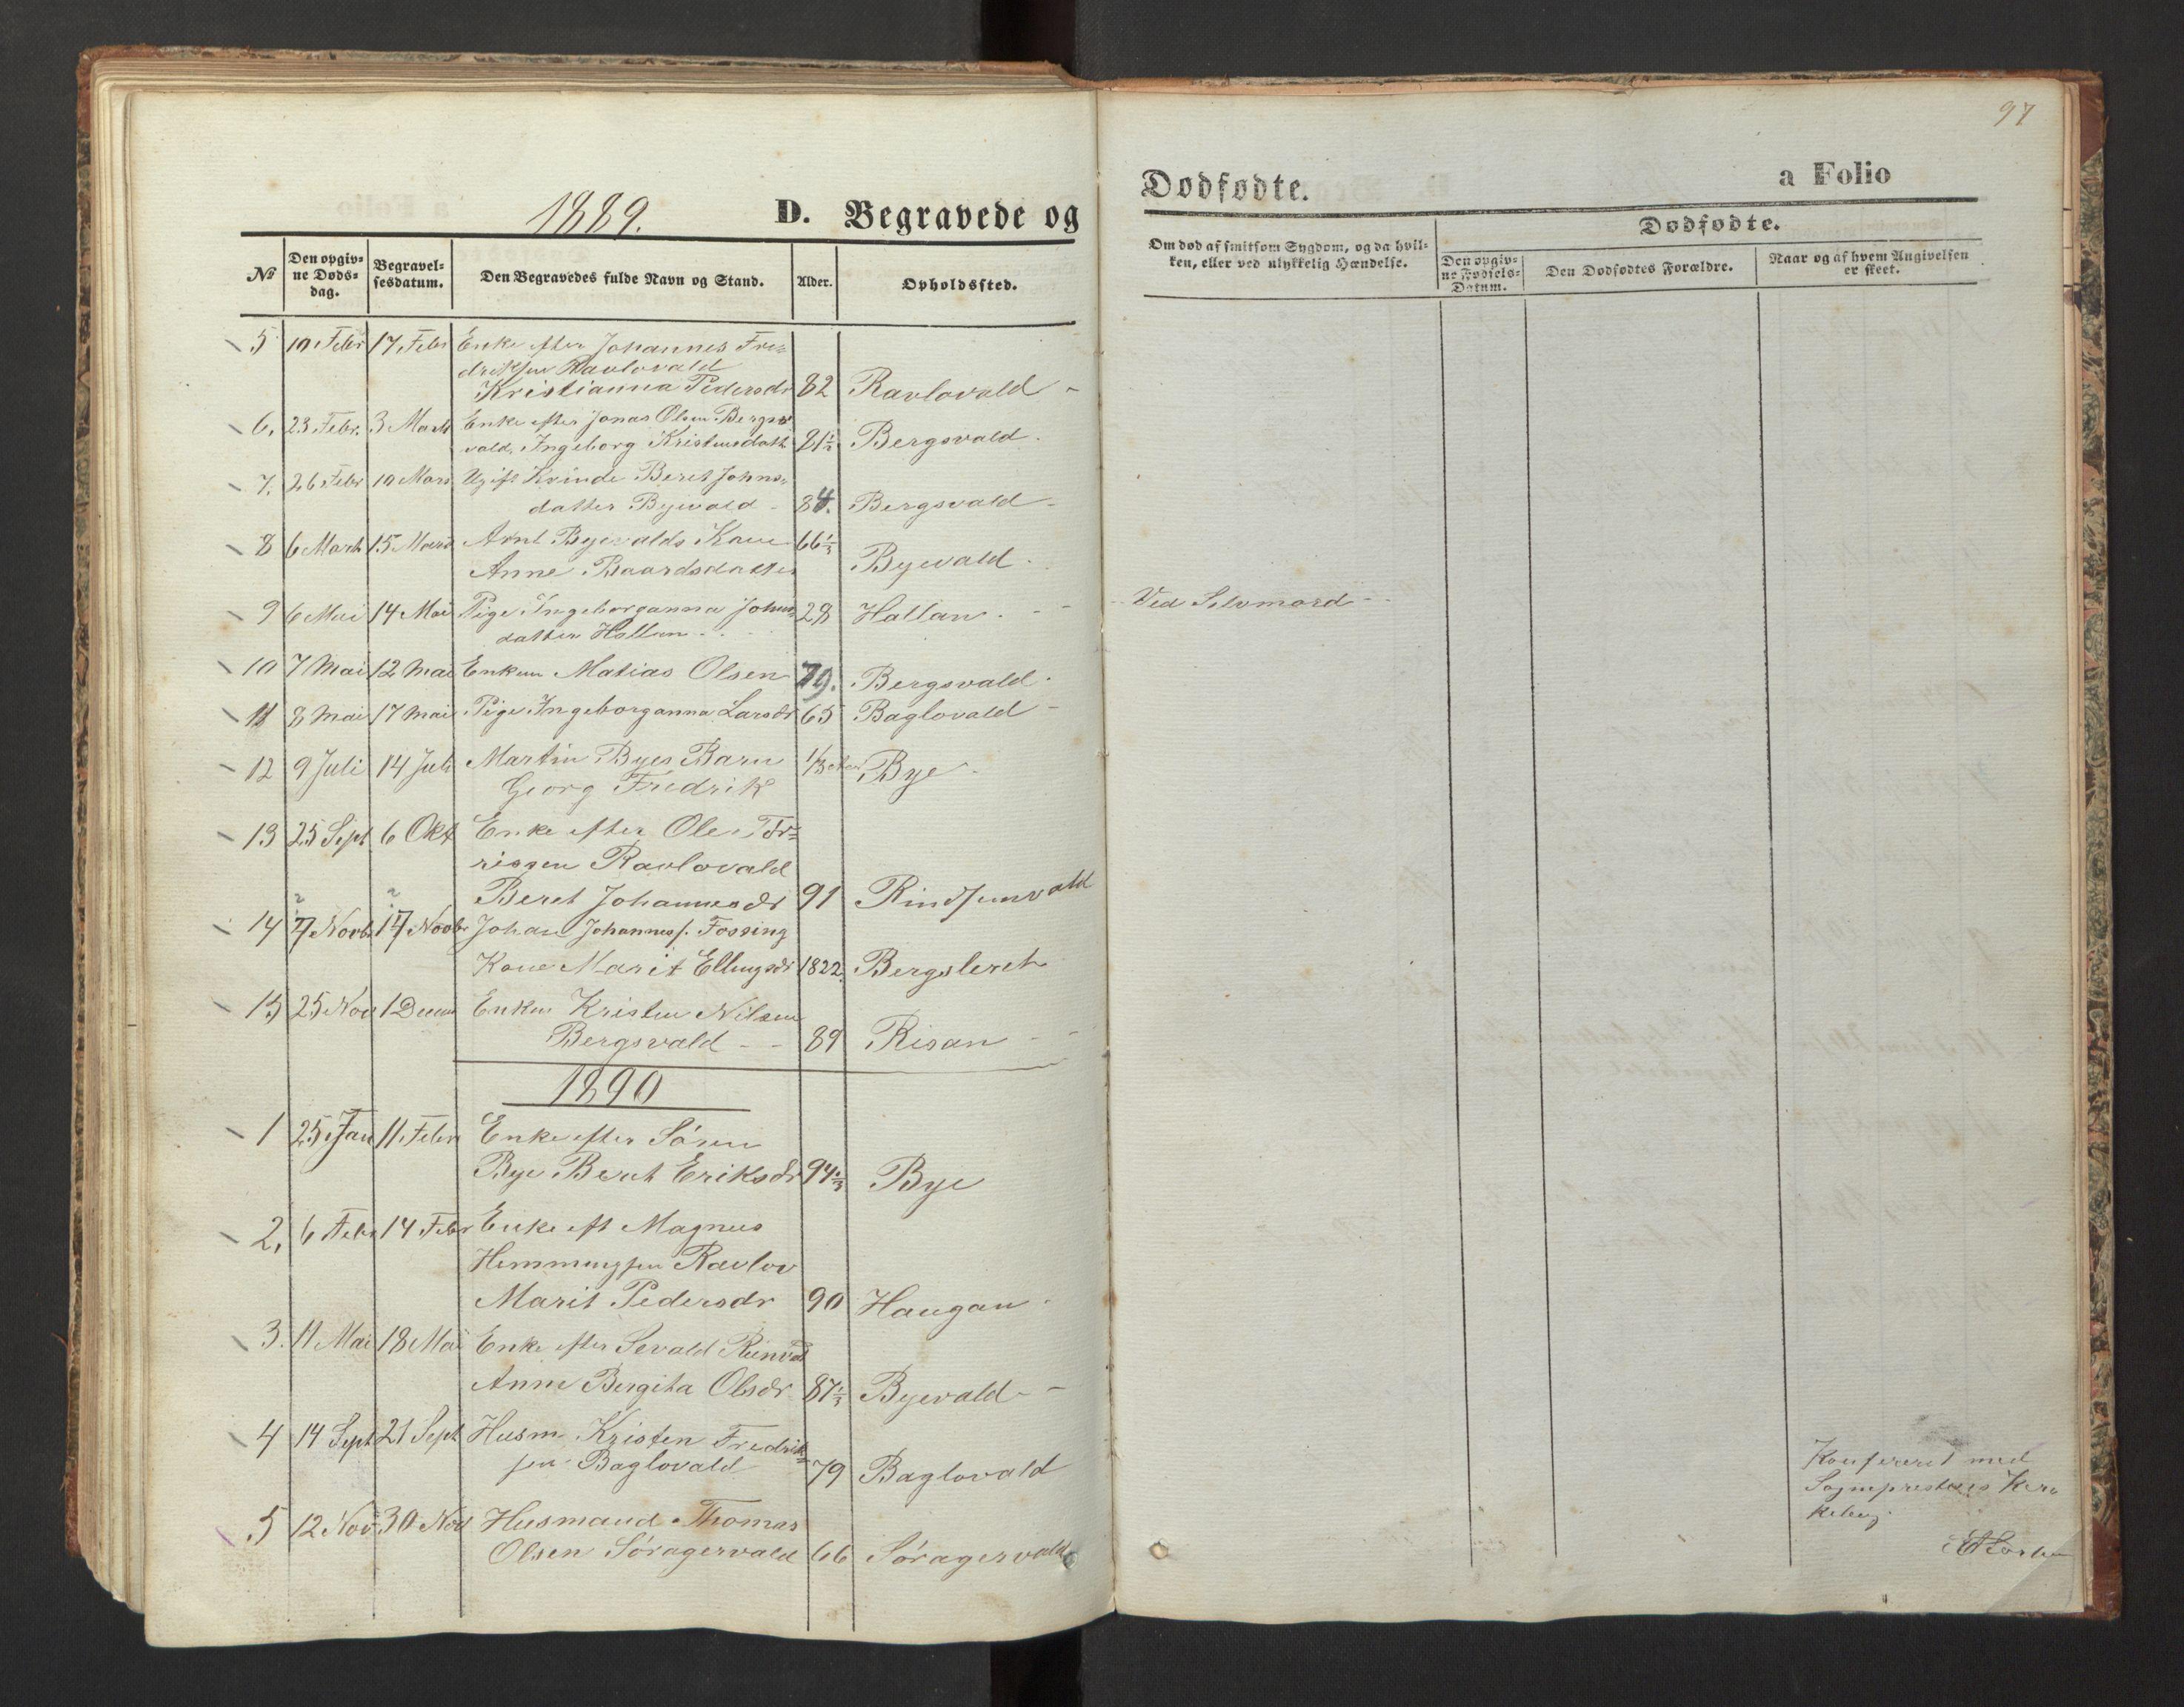 SAT, Ministerialprotokoller, klokkerbøker og fødselsregistre - Nord-Trøndelag, 726/L0271: Klokkerbok nr. 726C02, 1869-1897, s. 97